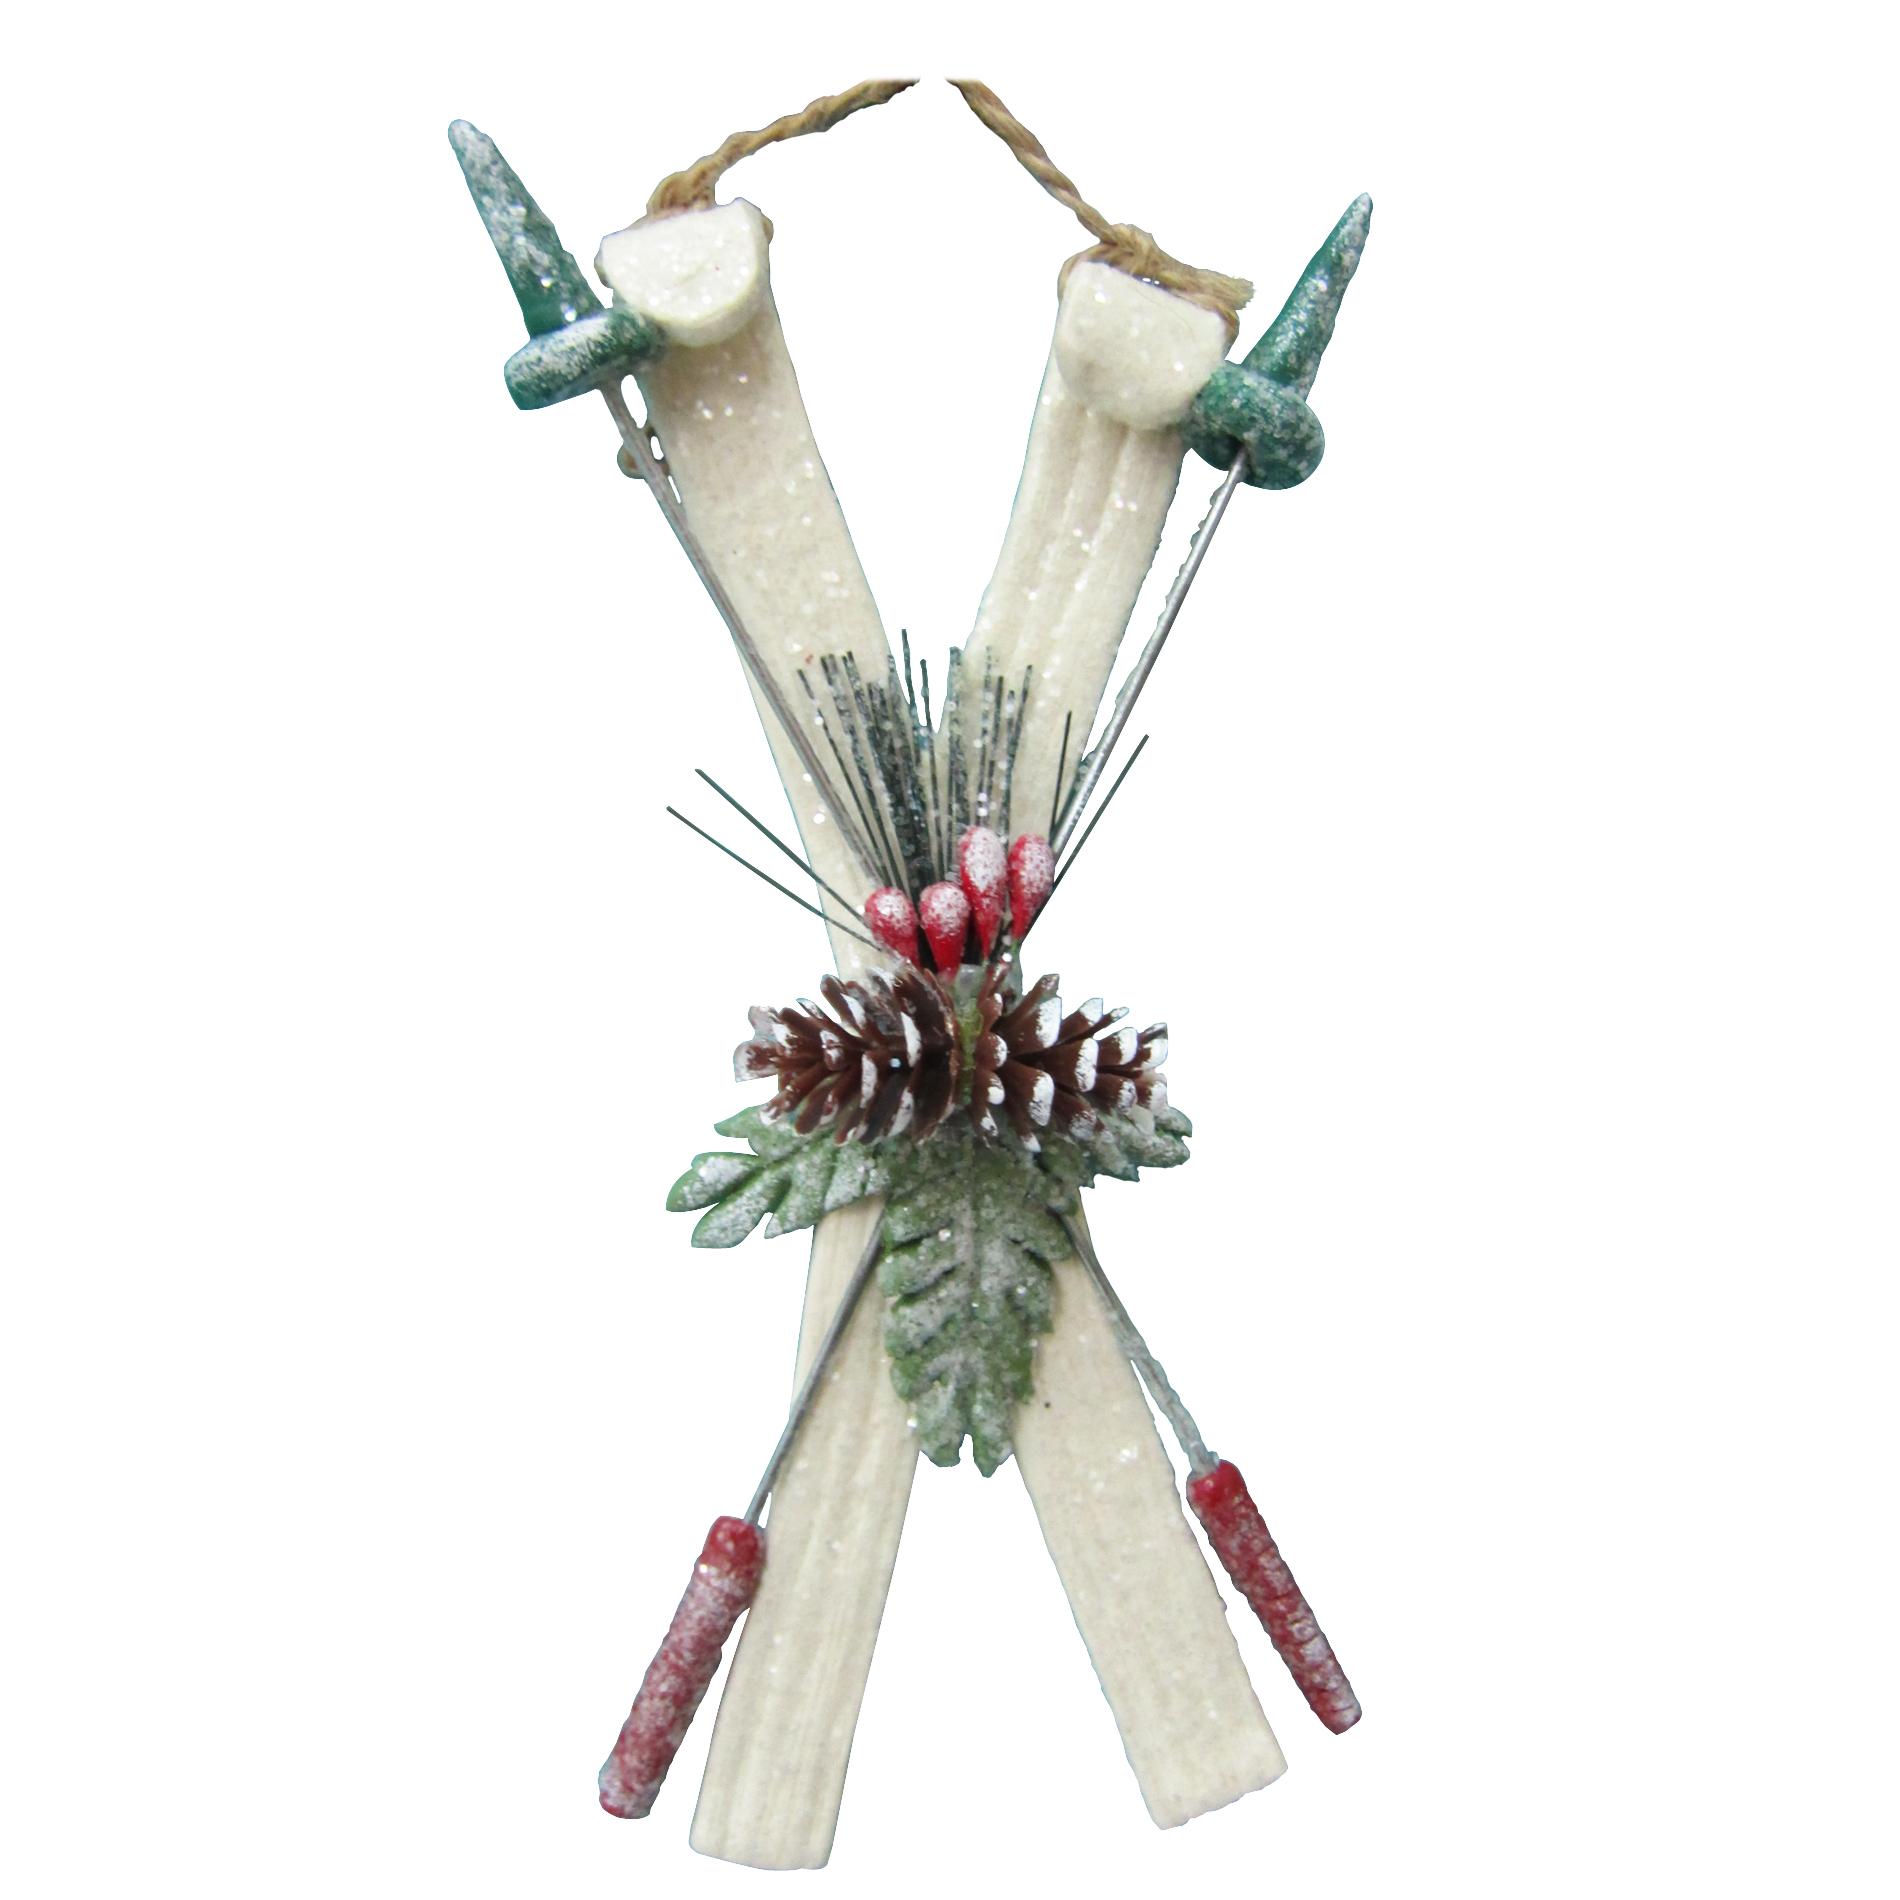 Donner & Blitzen Incorporated Ski Ornament - White